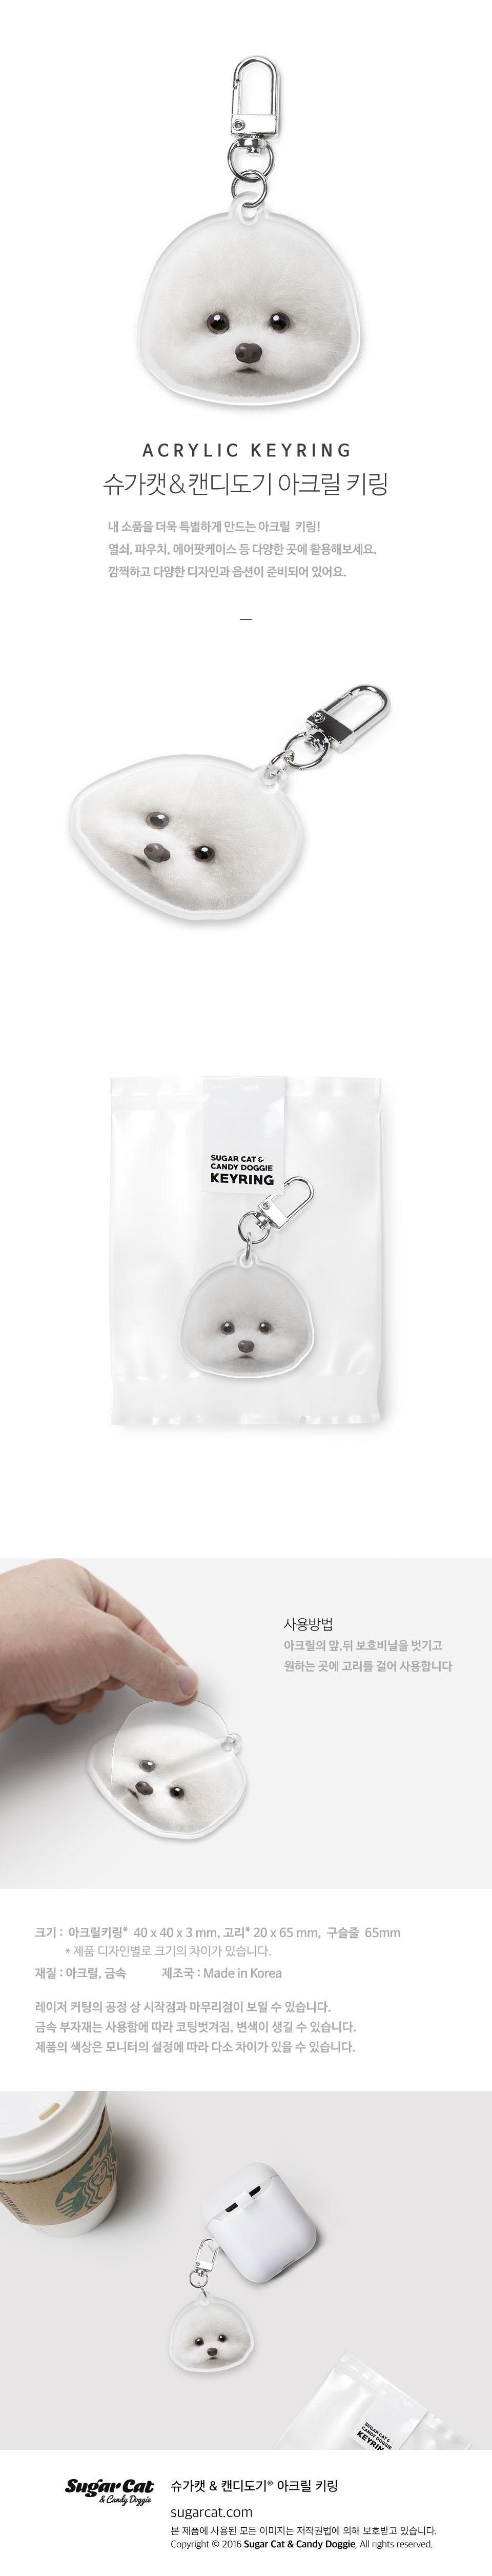 비숑 동글이 얼굴 아크릴키링 - 슈가캣 캔디도기, 10,000원, 열쇠고리/키커버, 디자인키홀더